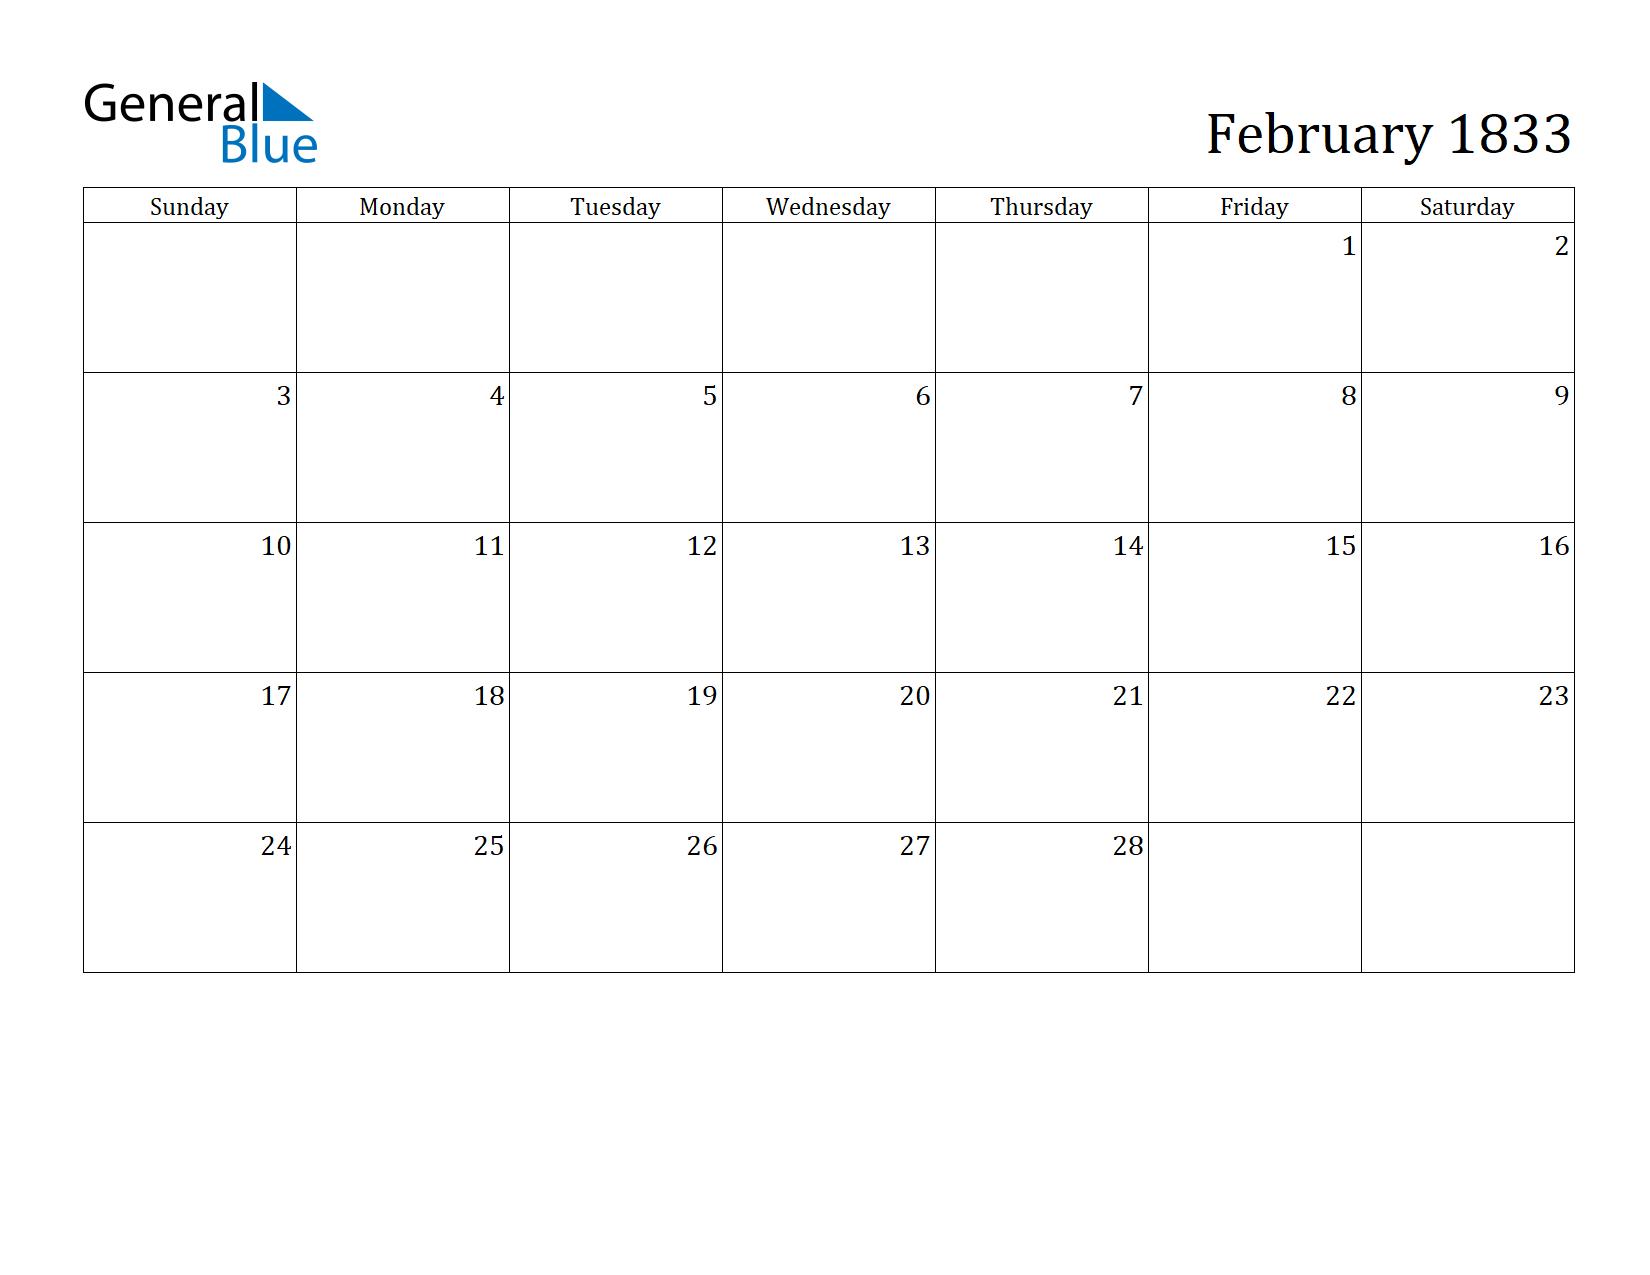 Image of February 1833 Calendar